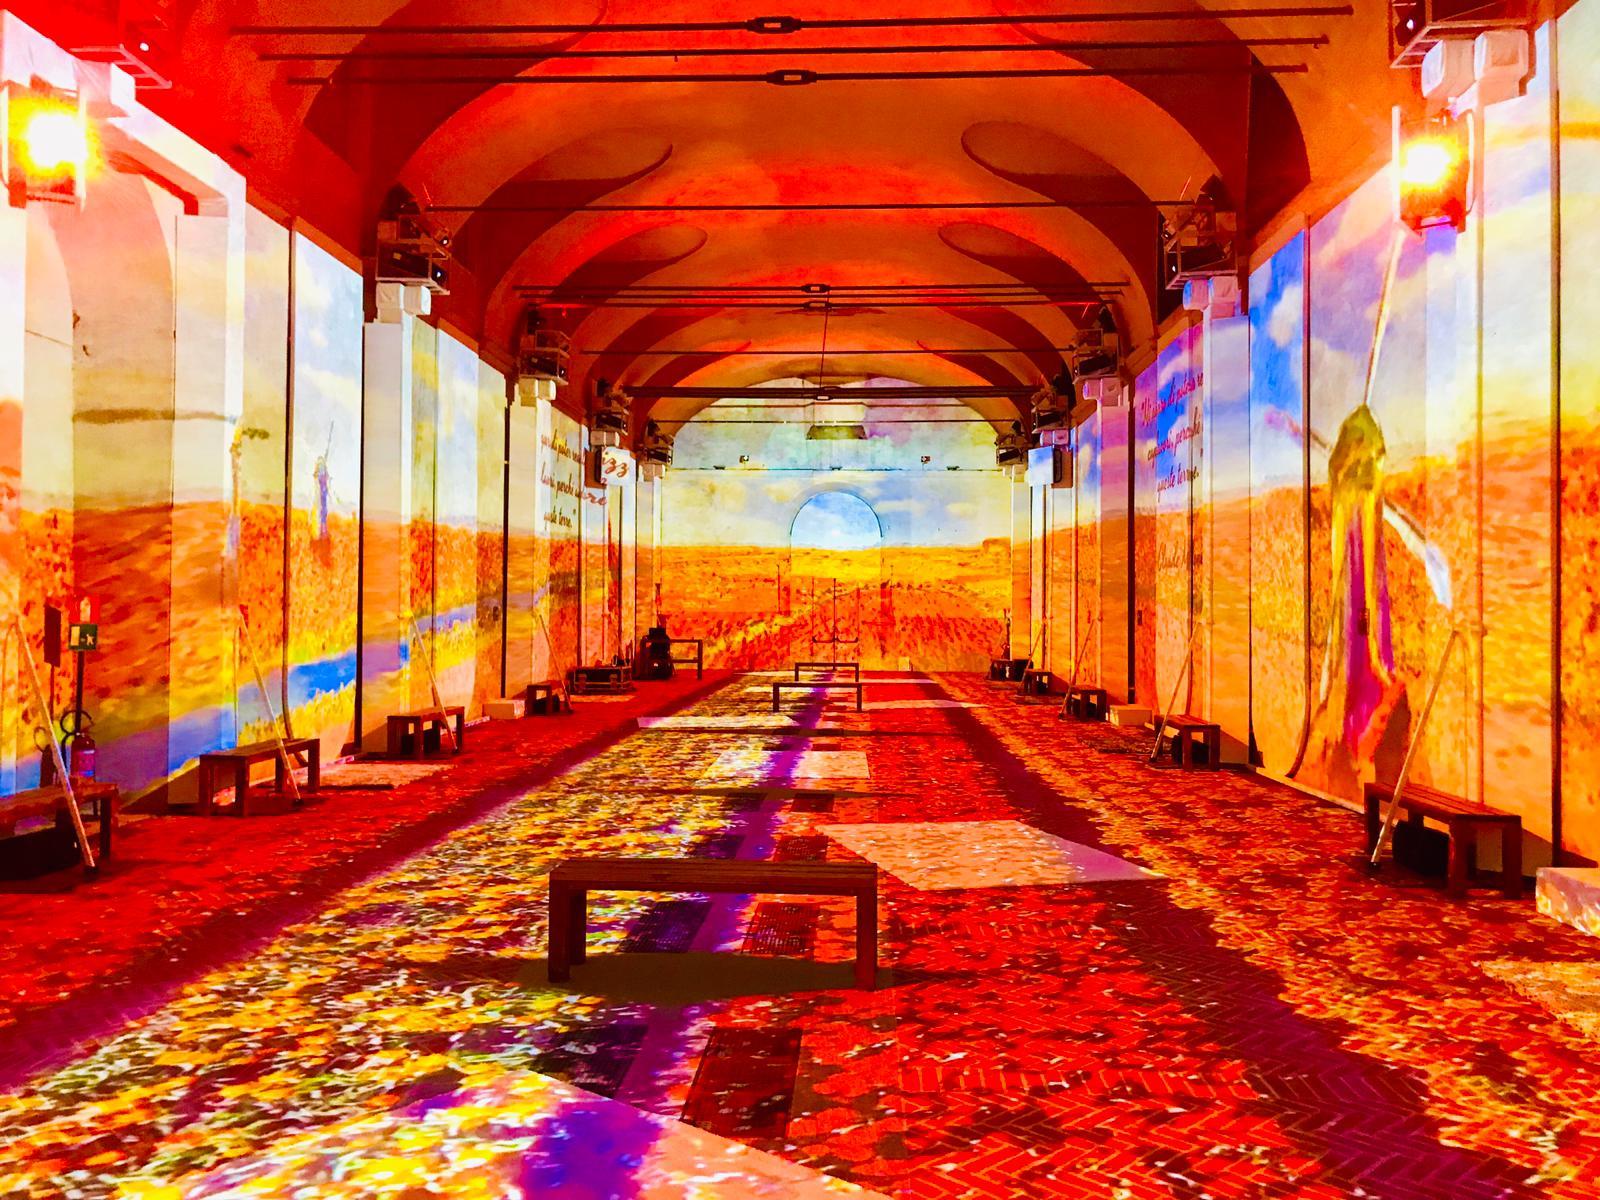 L'Arcimboldi riparte dall'arte e apre i suoi spazi a due mostre: da Monet alla Street Art